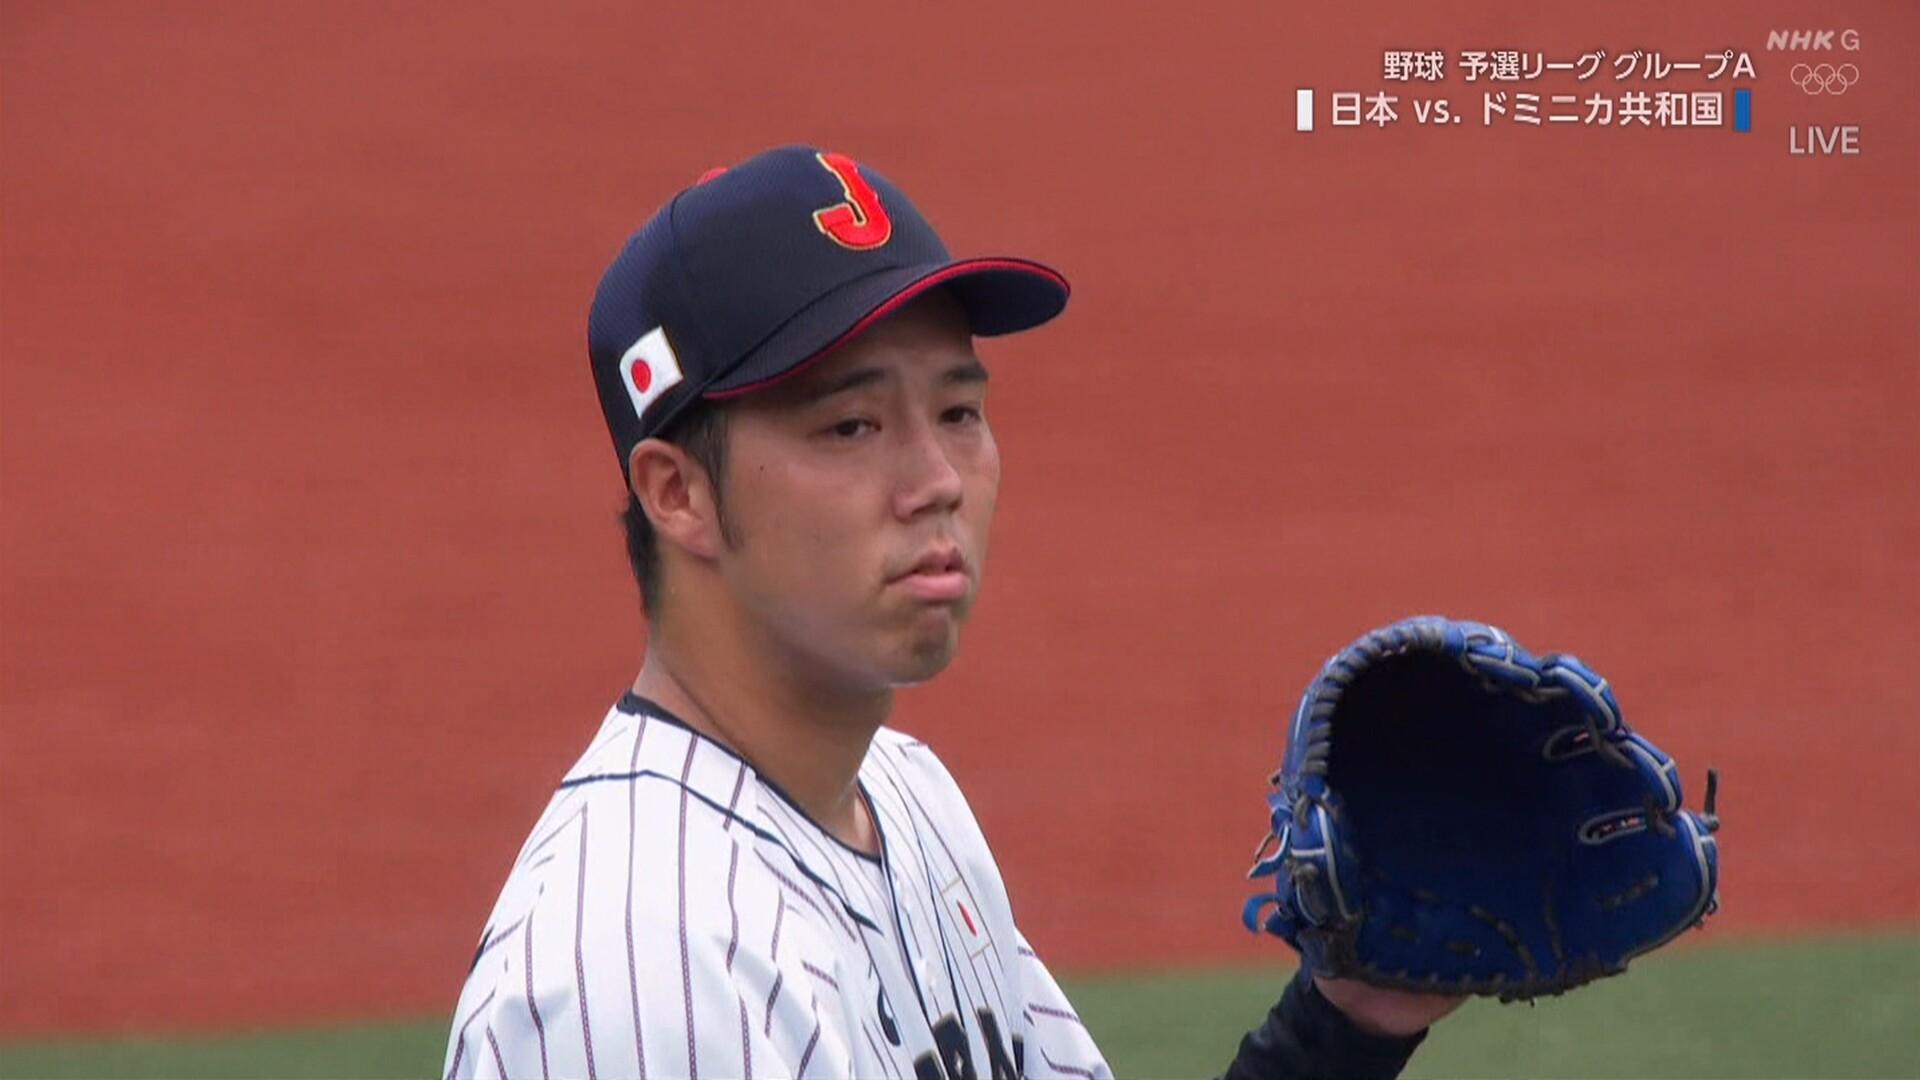 侍ジャパン、先制される 2番手青柳が集中打浴びる